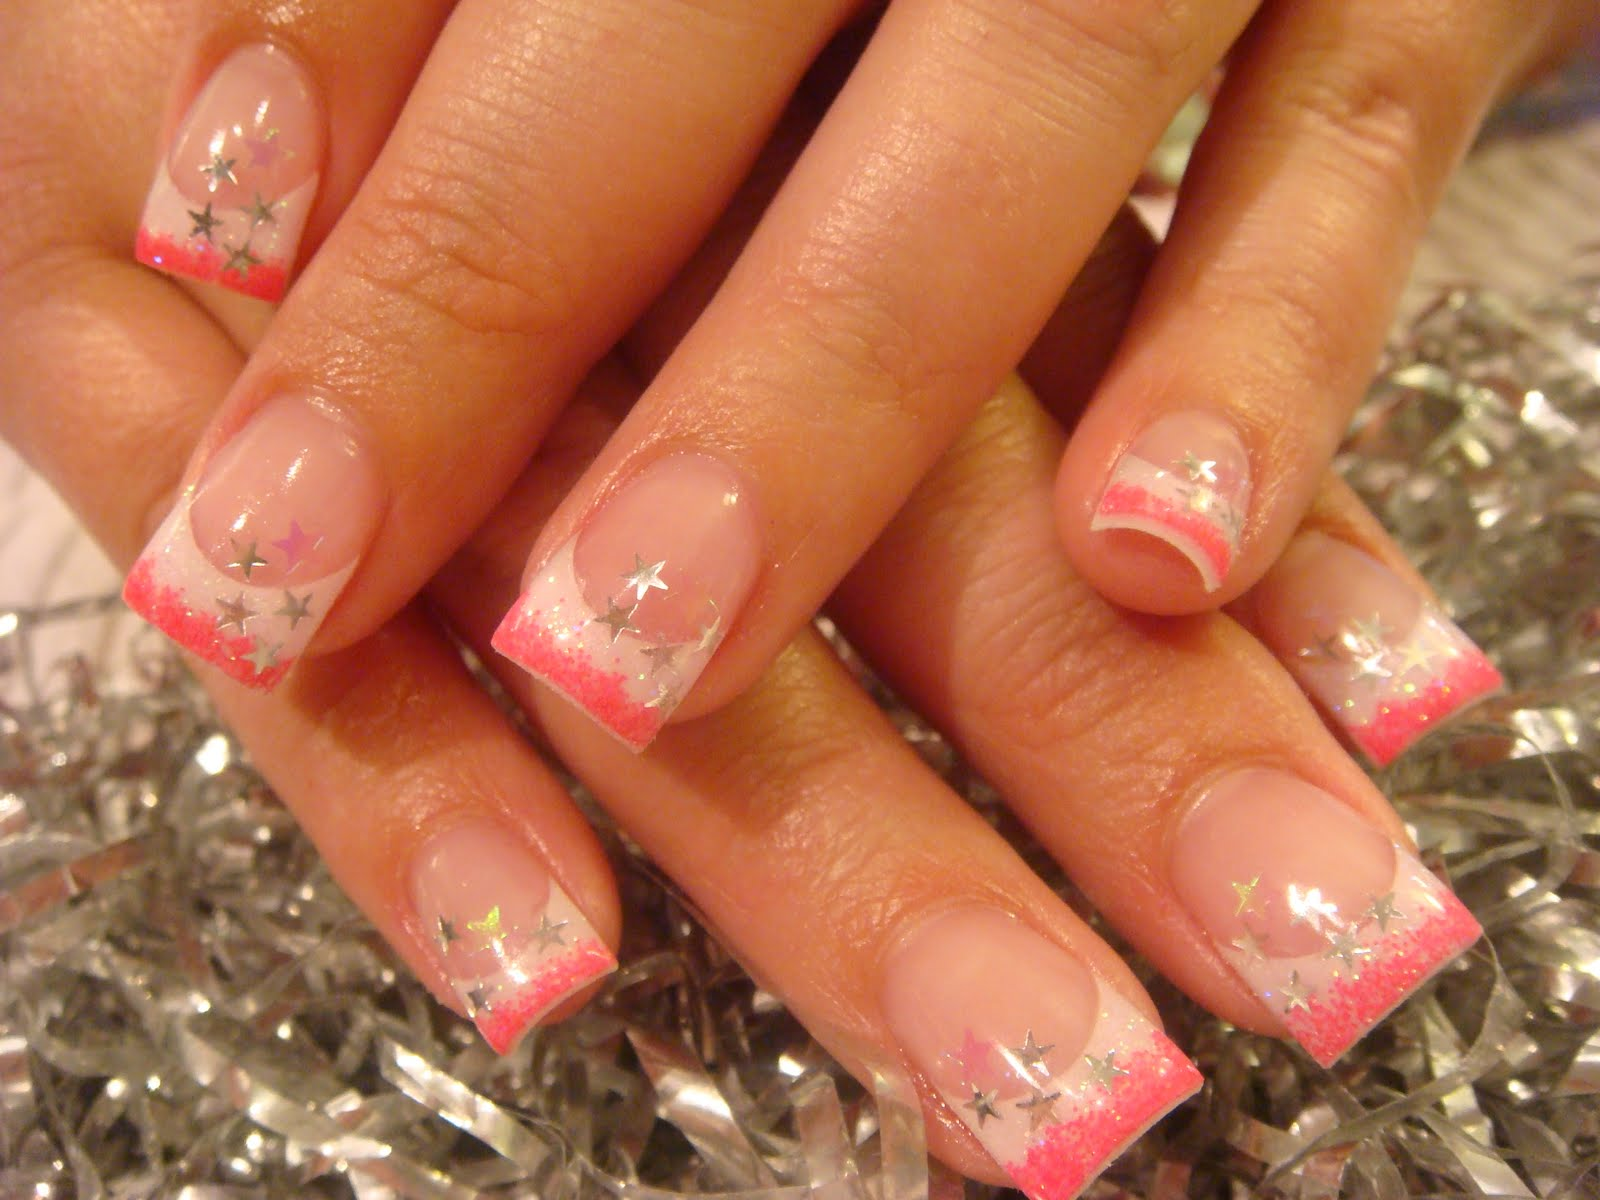 makeup nails nails acrylic pink acrylic nails art